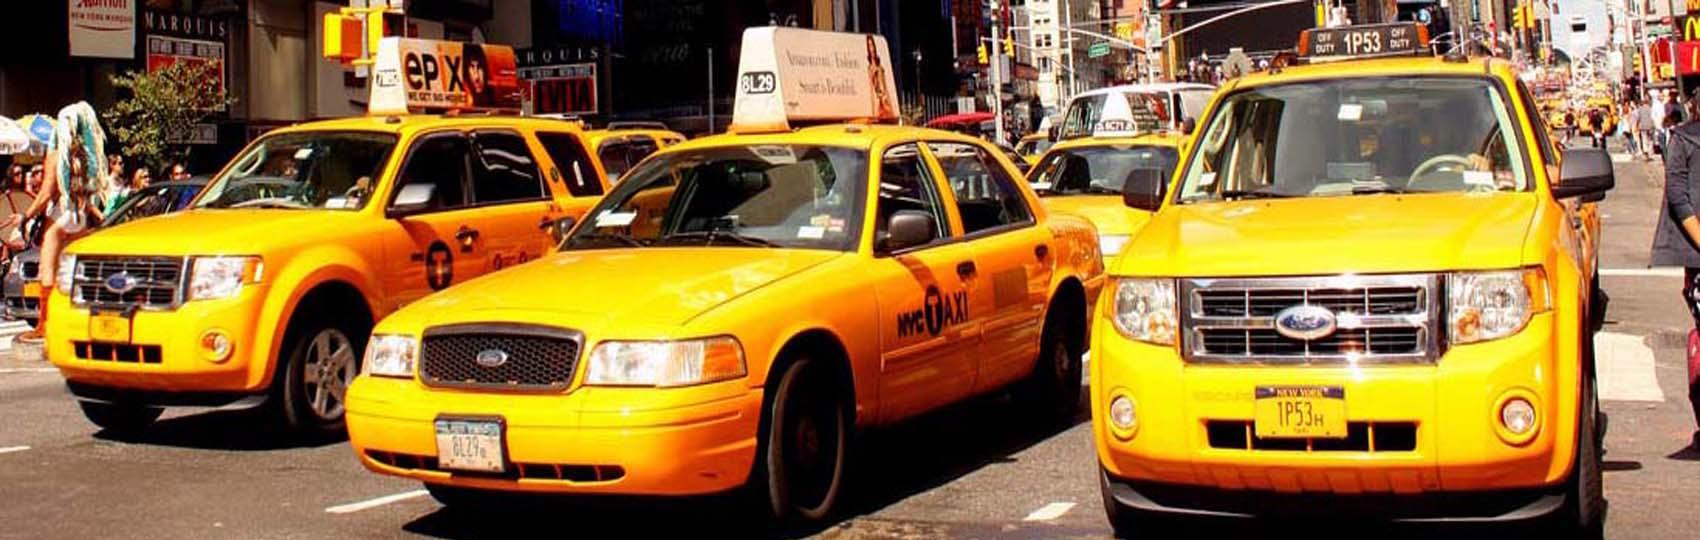 Noticias del sector del taxi y la movilidad en Nueva York. Mantente informado de todas las noticias del taxi de Nueva York en el grupo de Facebook de Todo Taxi.